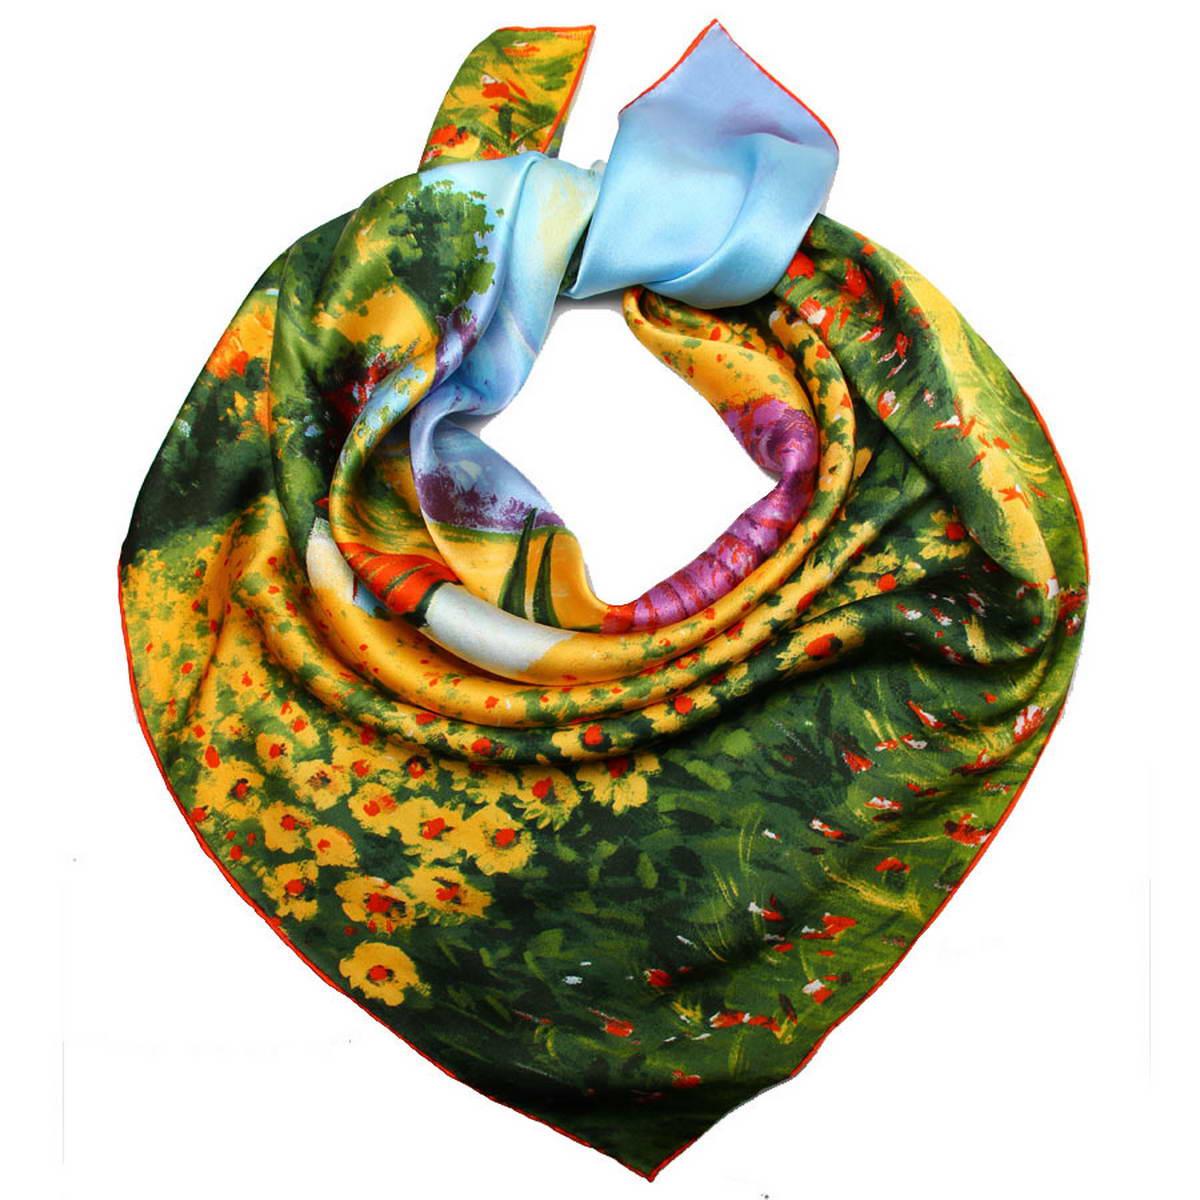 Платок женский Venera, цвет: голубой, желтый. 1810912-8. Размер 90 см х 90 см1810912-8Стильный женский платок Venera станет великолепным завершением любого наряда. Платок изготовлен из высококачественного 100% шелка и оформлен красочным принтом с изображением пасторального пейзажа.Классическая квадратная форма позволяет носить платок на шее, украшать им прическу или декорировать сумочку. Легкий, мягкий и шелковистый платок поможет вам создать изысканный женственный образ, а также согреет в непогоду. Такой платок превосходно дополнит любой наряд и подчеркнет ваш неповторимый вкус и элегантность.